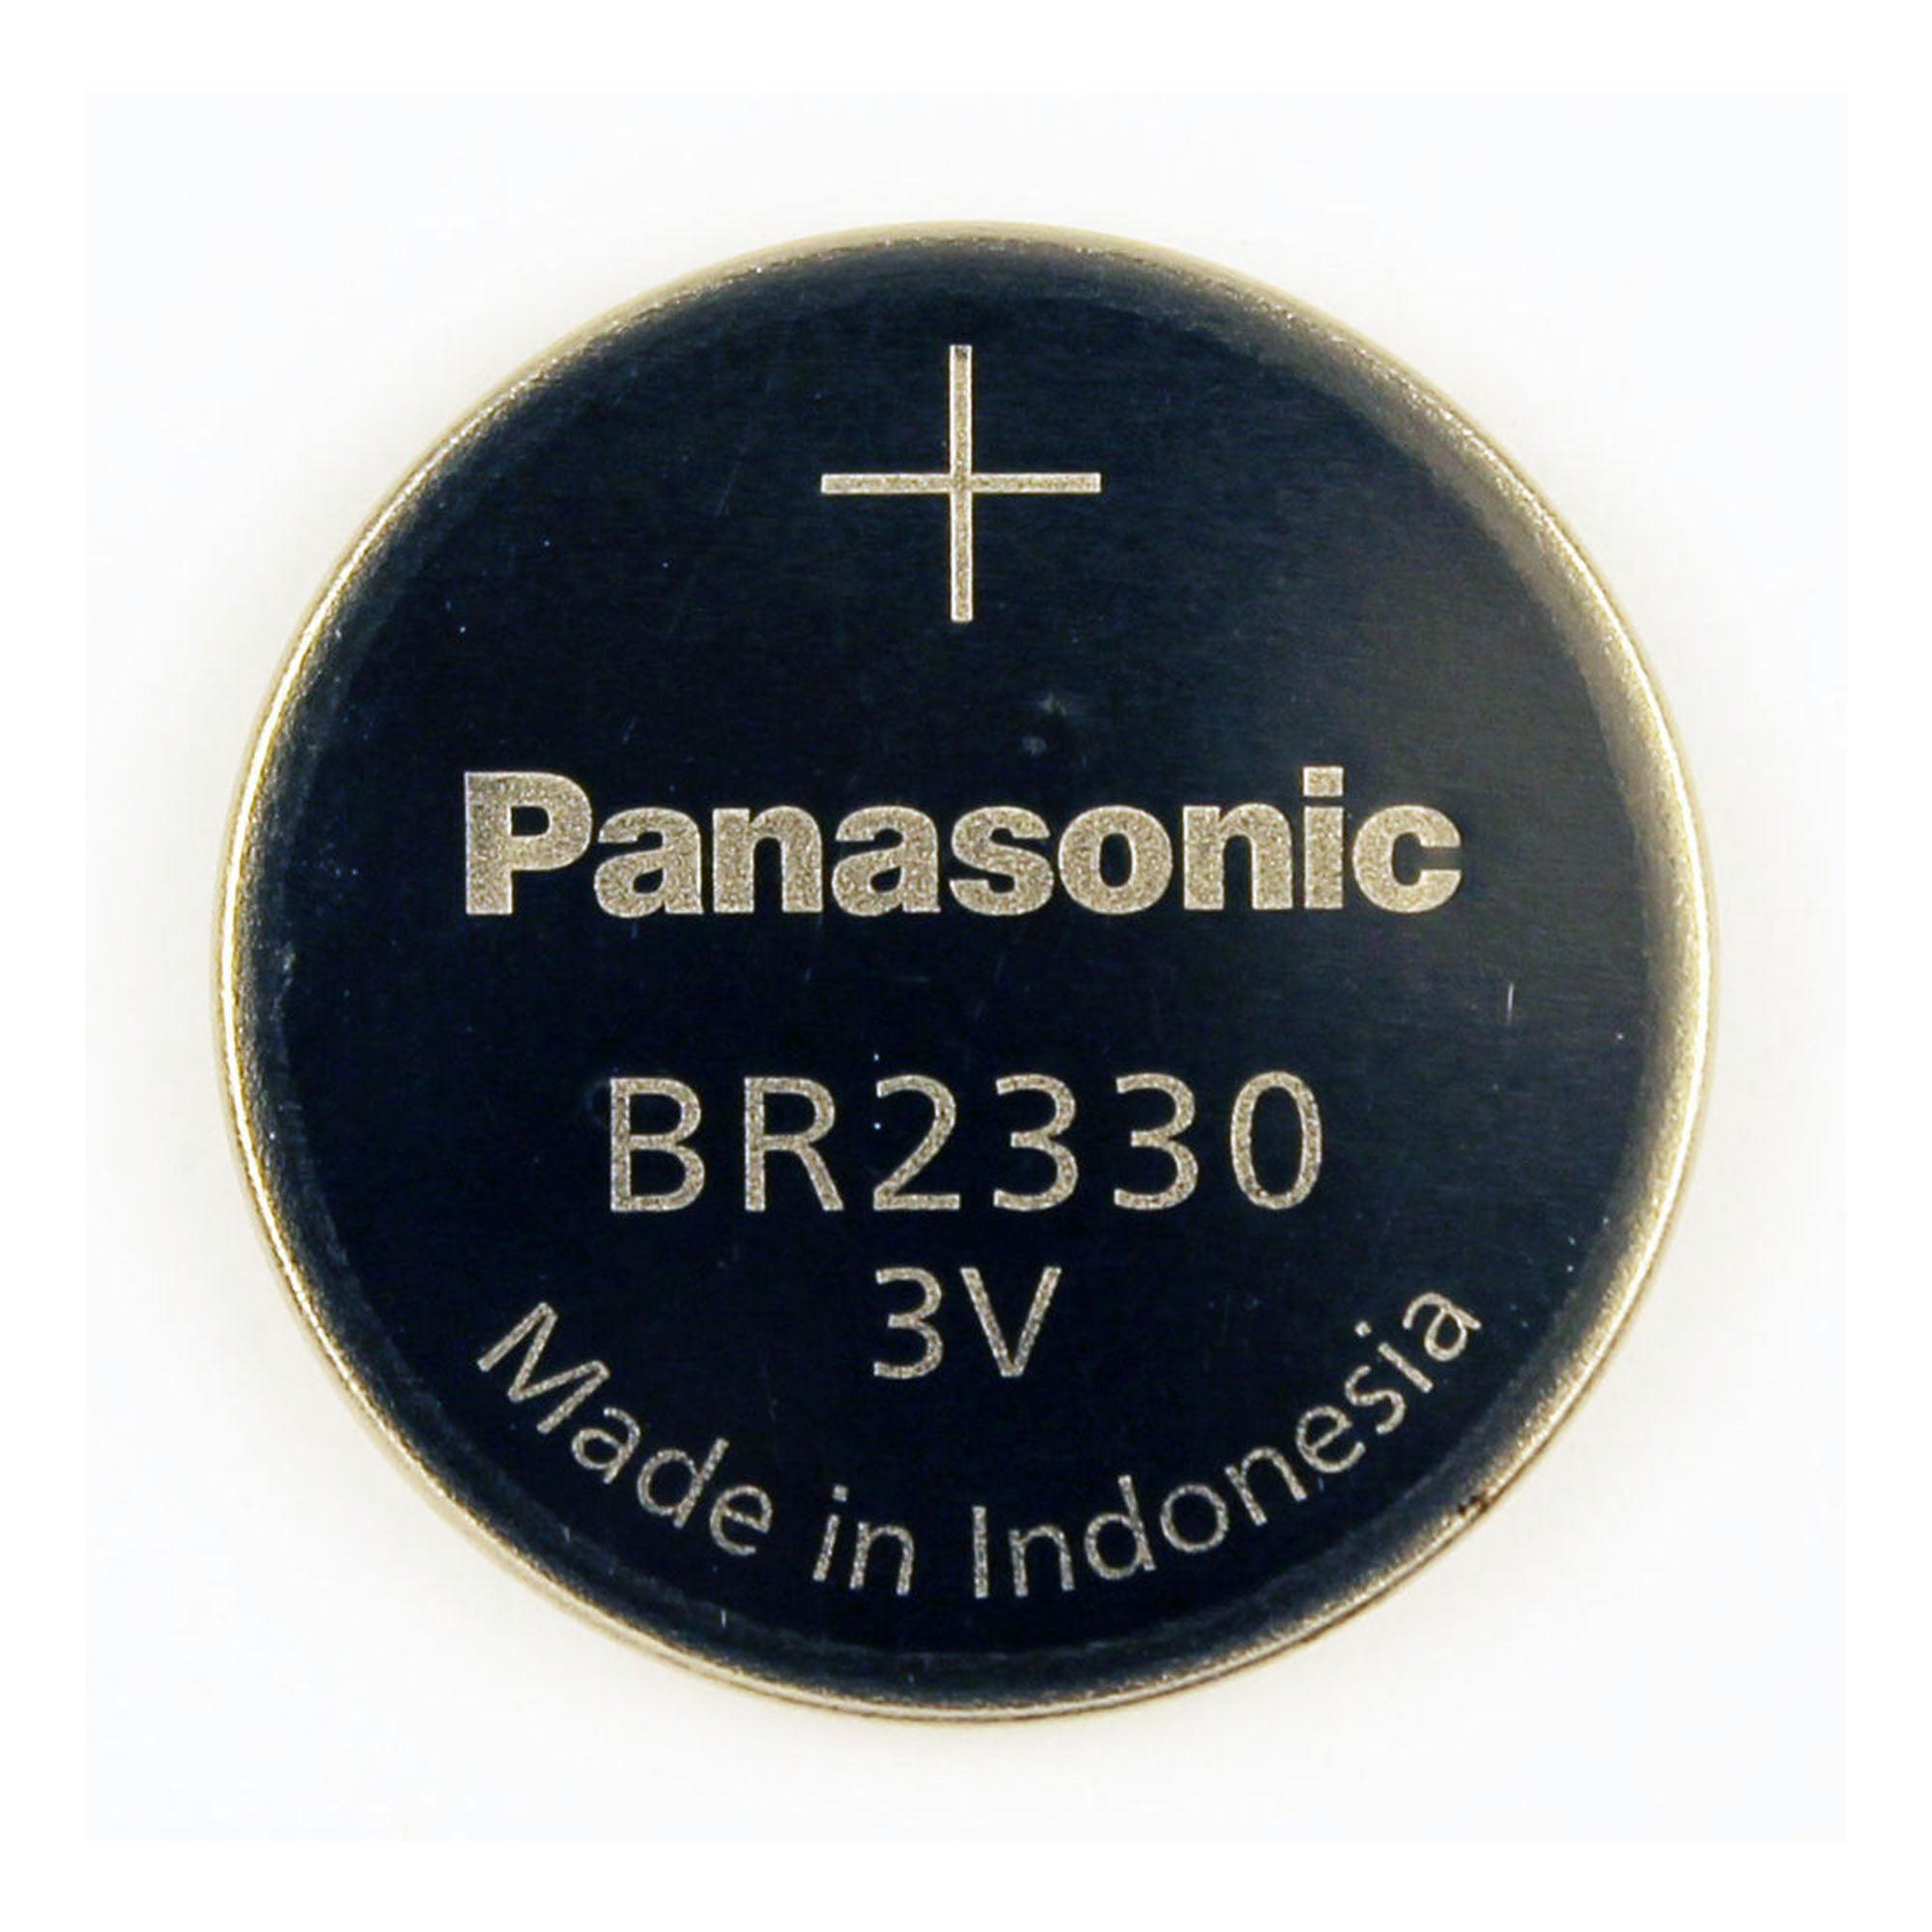 100-Pack BR2330 Panasonic 3 Volt Lithium Coin Cell Batteries - image 1 de 1